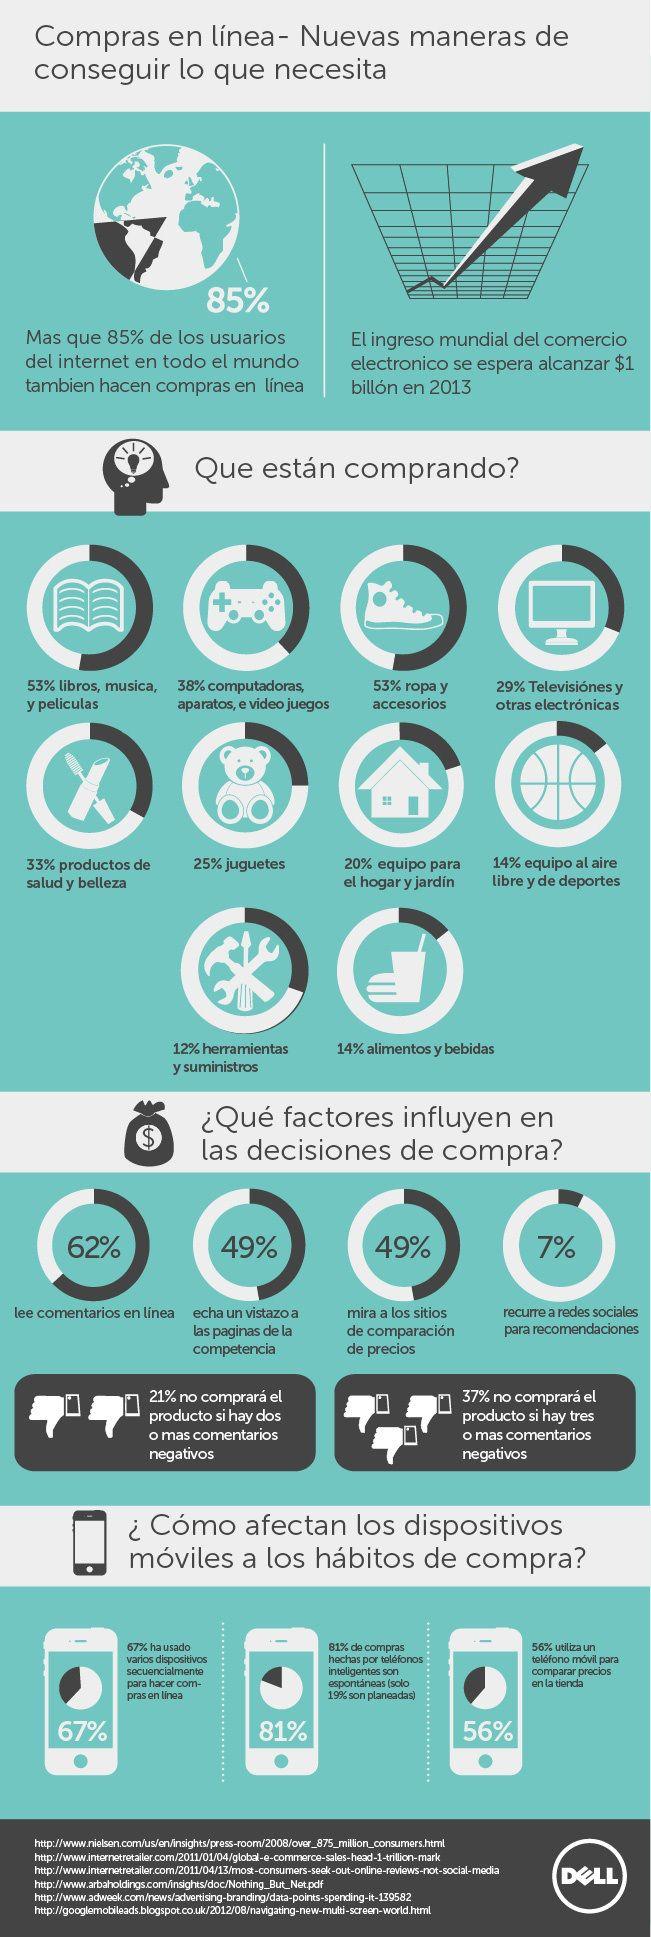 ¿Necesito una tienda online? #infografia #infographic #ecommerce